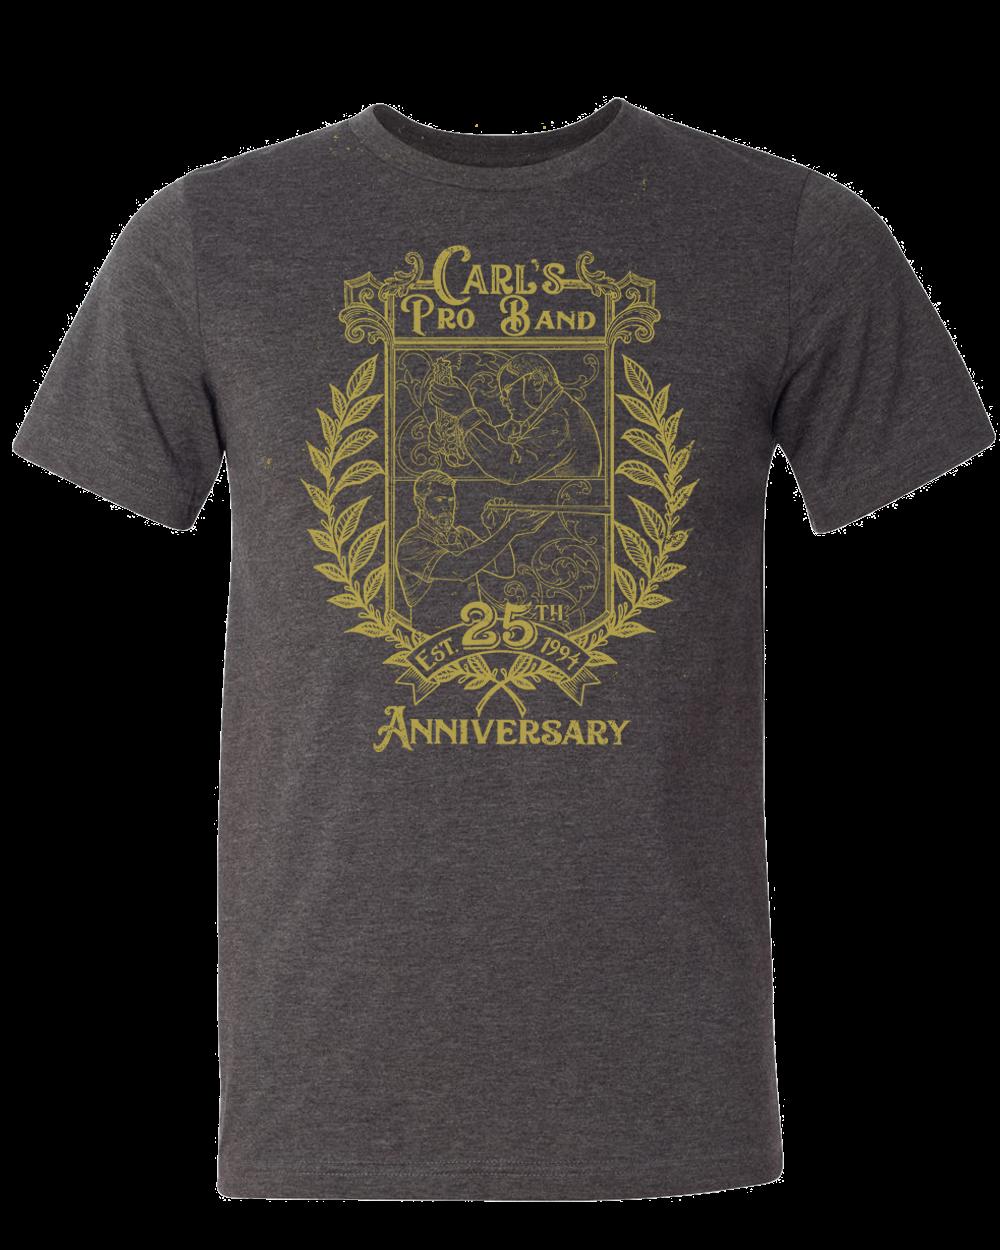 CPB 25th Anniversary Shirt - Dark Gray Heather